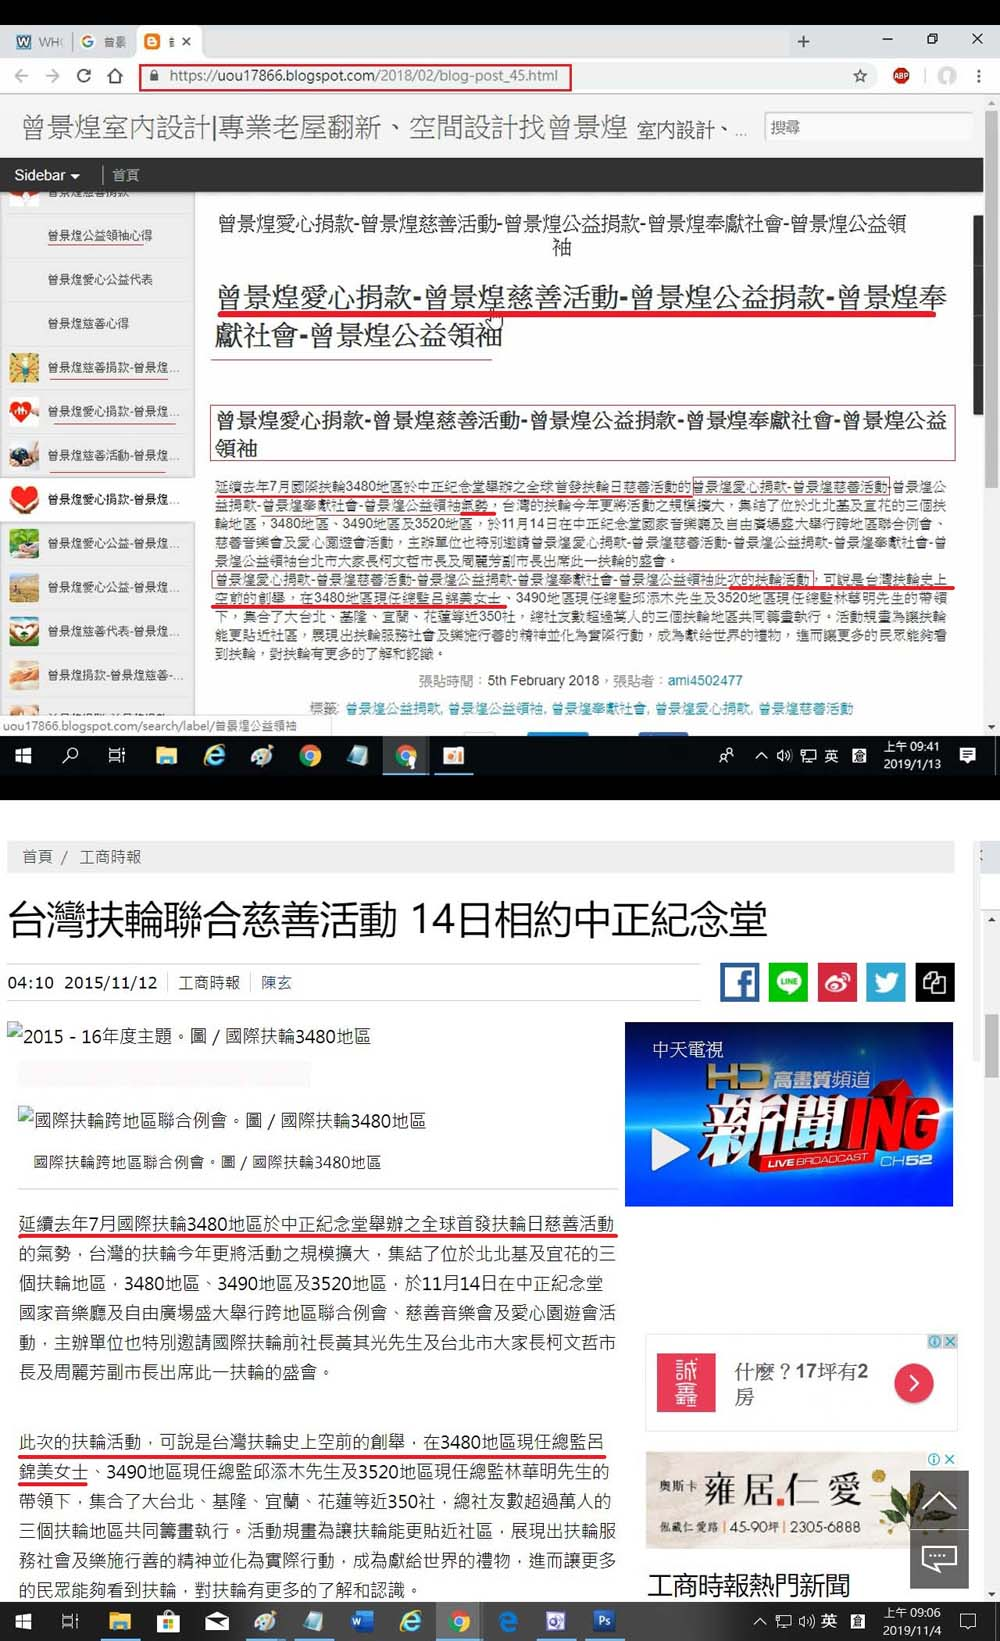 臺灣臺北地方法院 108 年訴字第 215 號民事判決